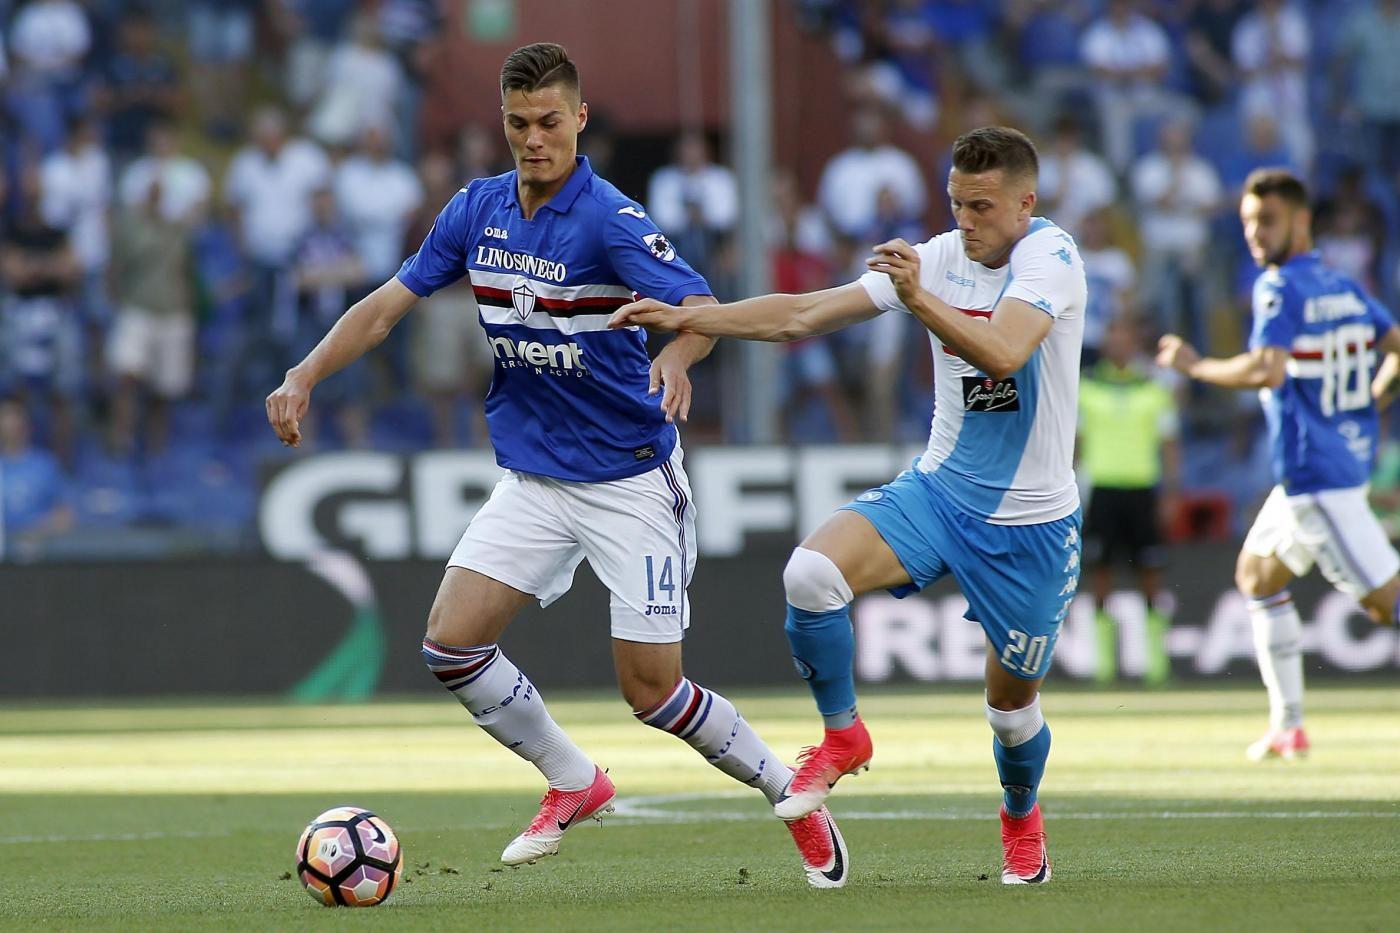 Sampdoria ultime notizie schick tolto dal mercato for Ultime notizie dal parlamento italiano